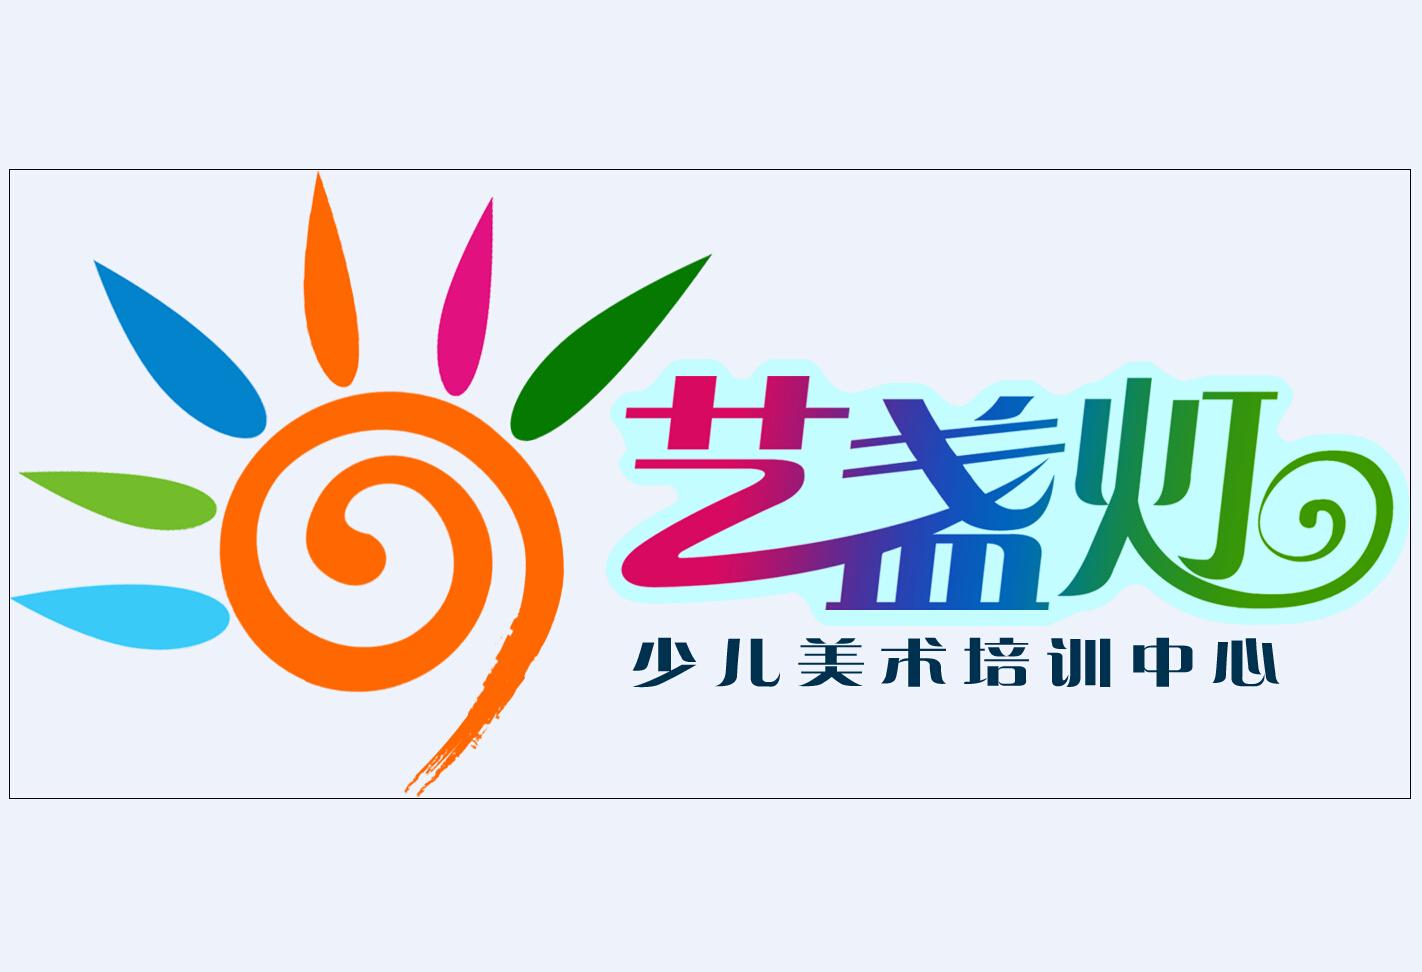 旺苍县艺盏灯少儿美术培训中心